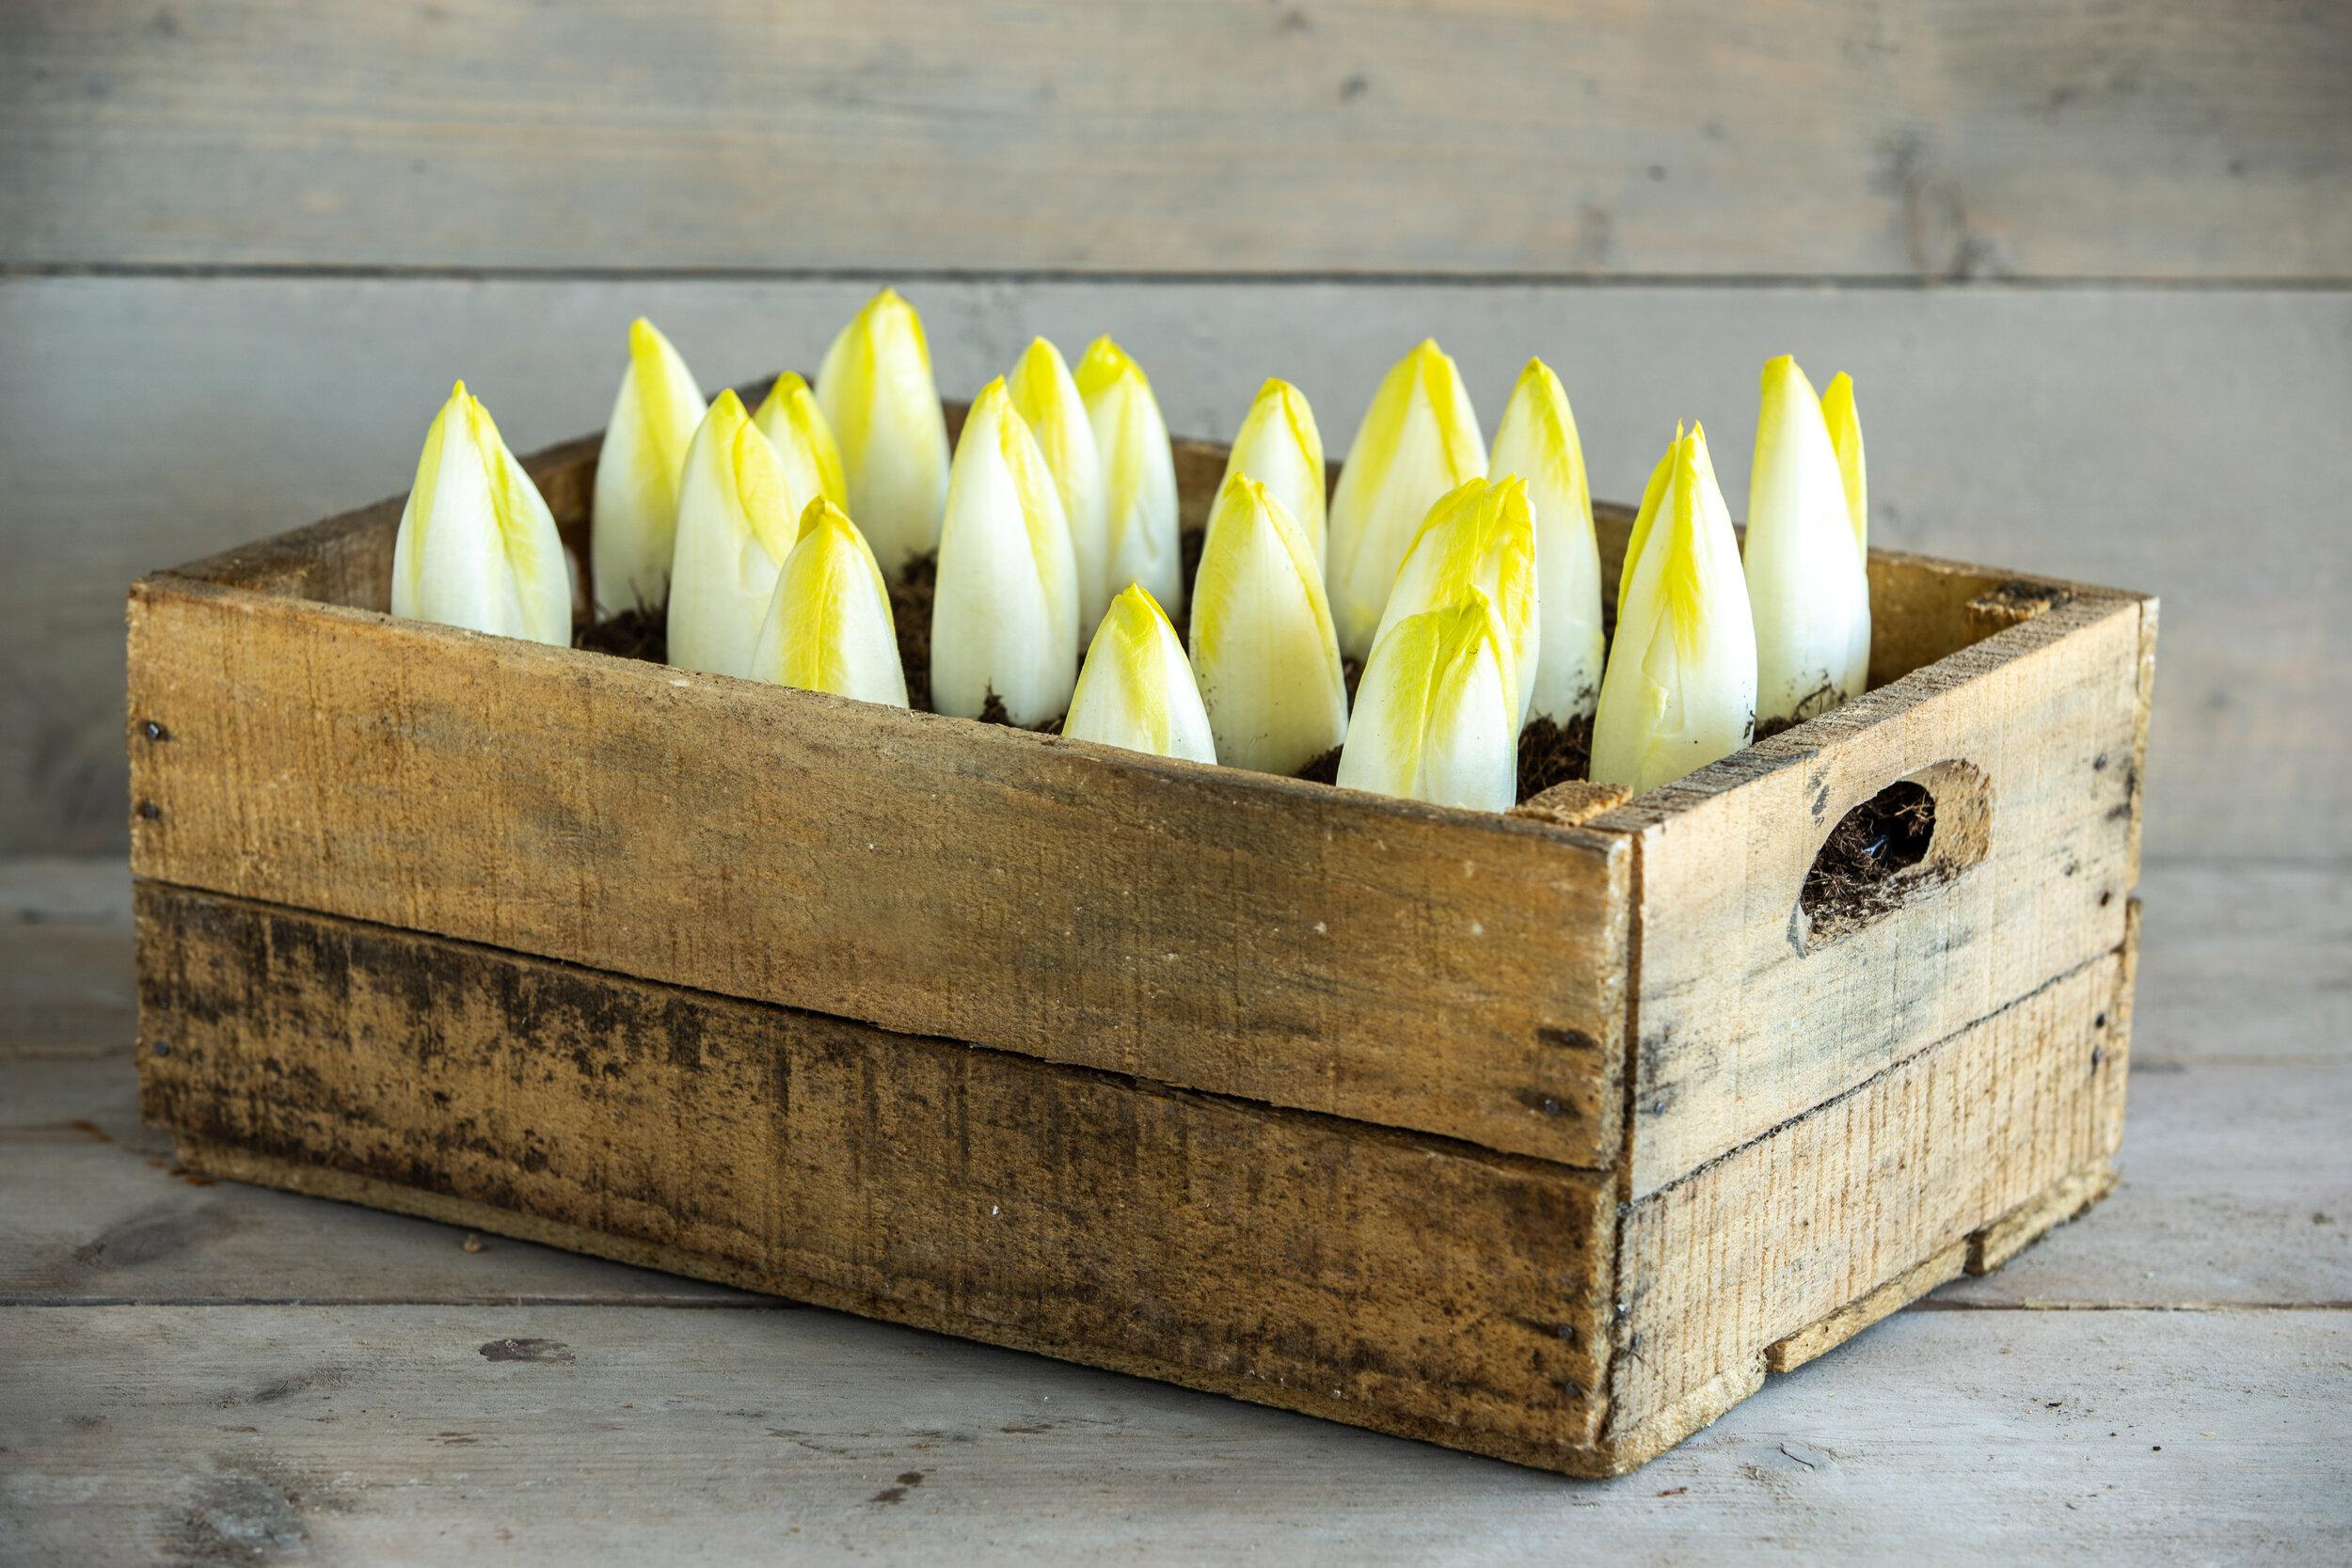 Made in Antwerp produce 10.jpg